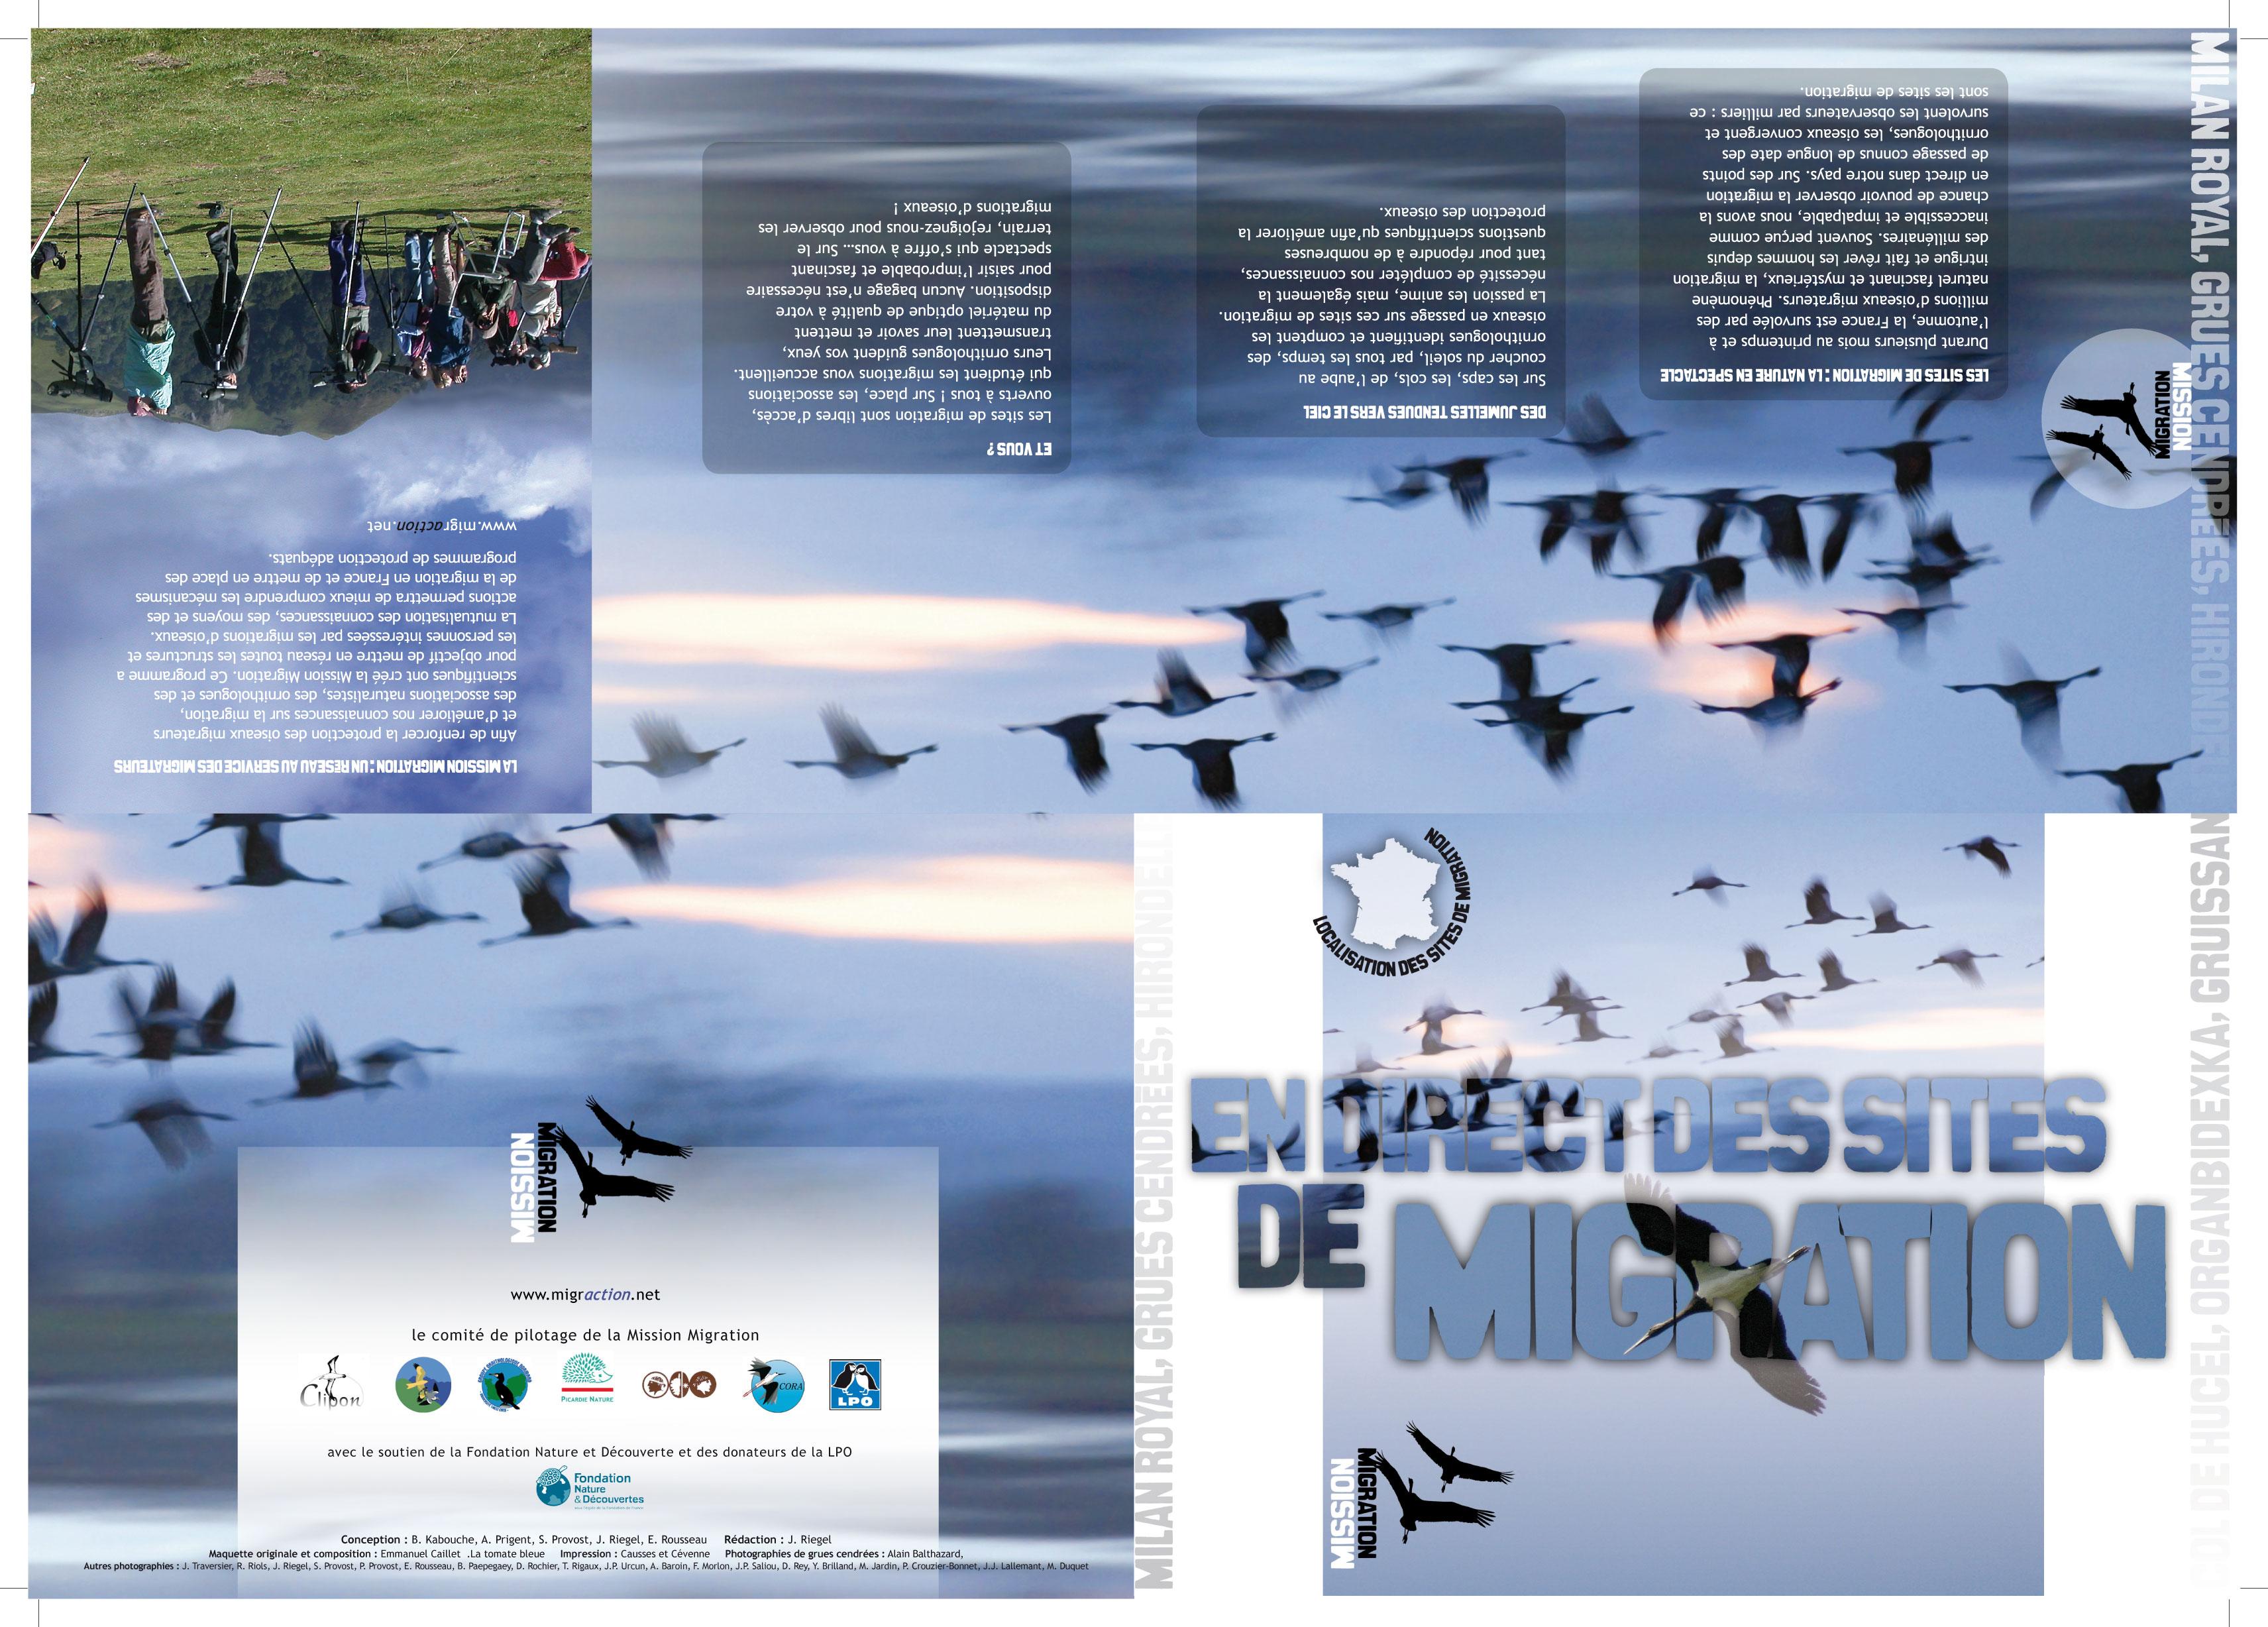 474581cb5a0f1 Outils pédagogiques - www.migraction.net